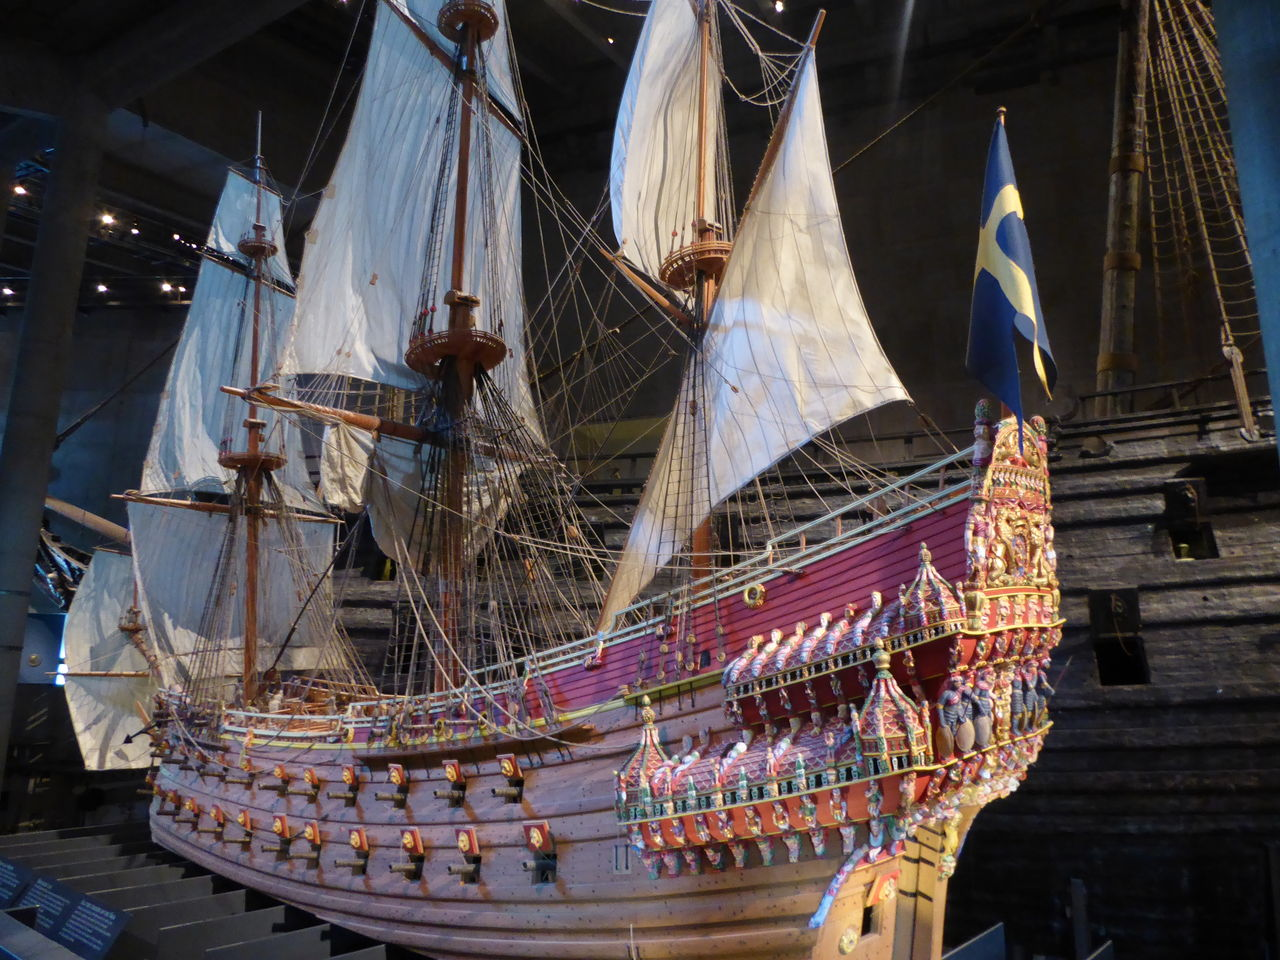 週末バンコク&ストックホルム その19 巨大な沈没船、ヴァーサ号 ...